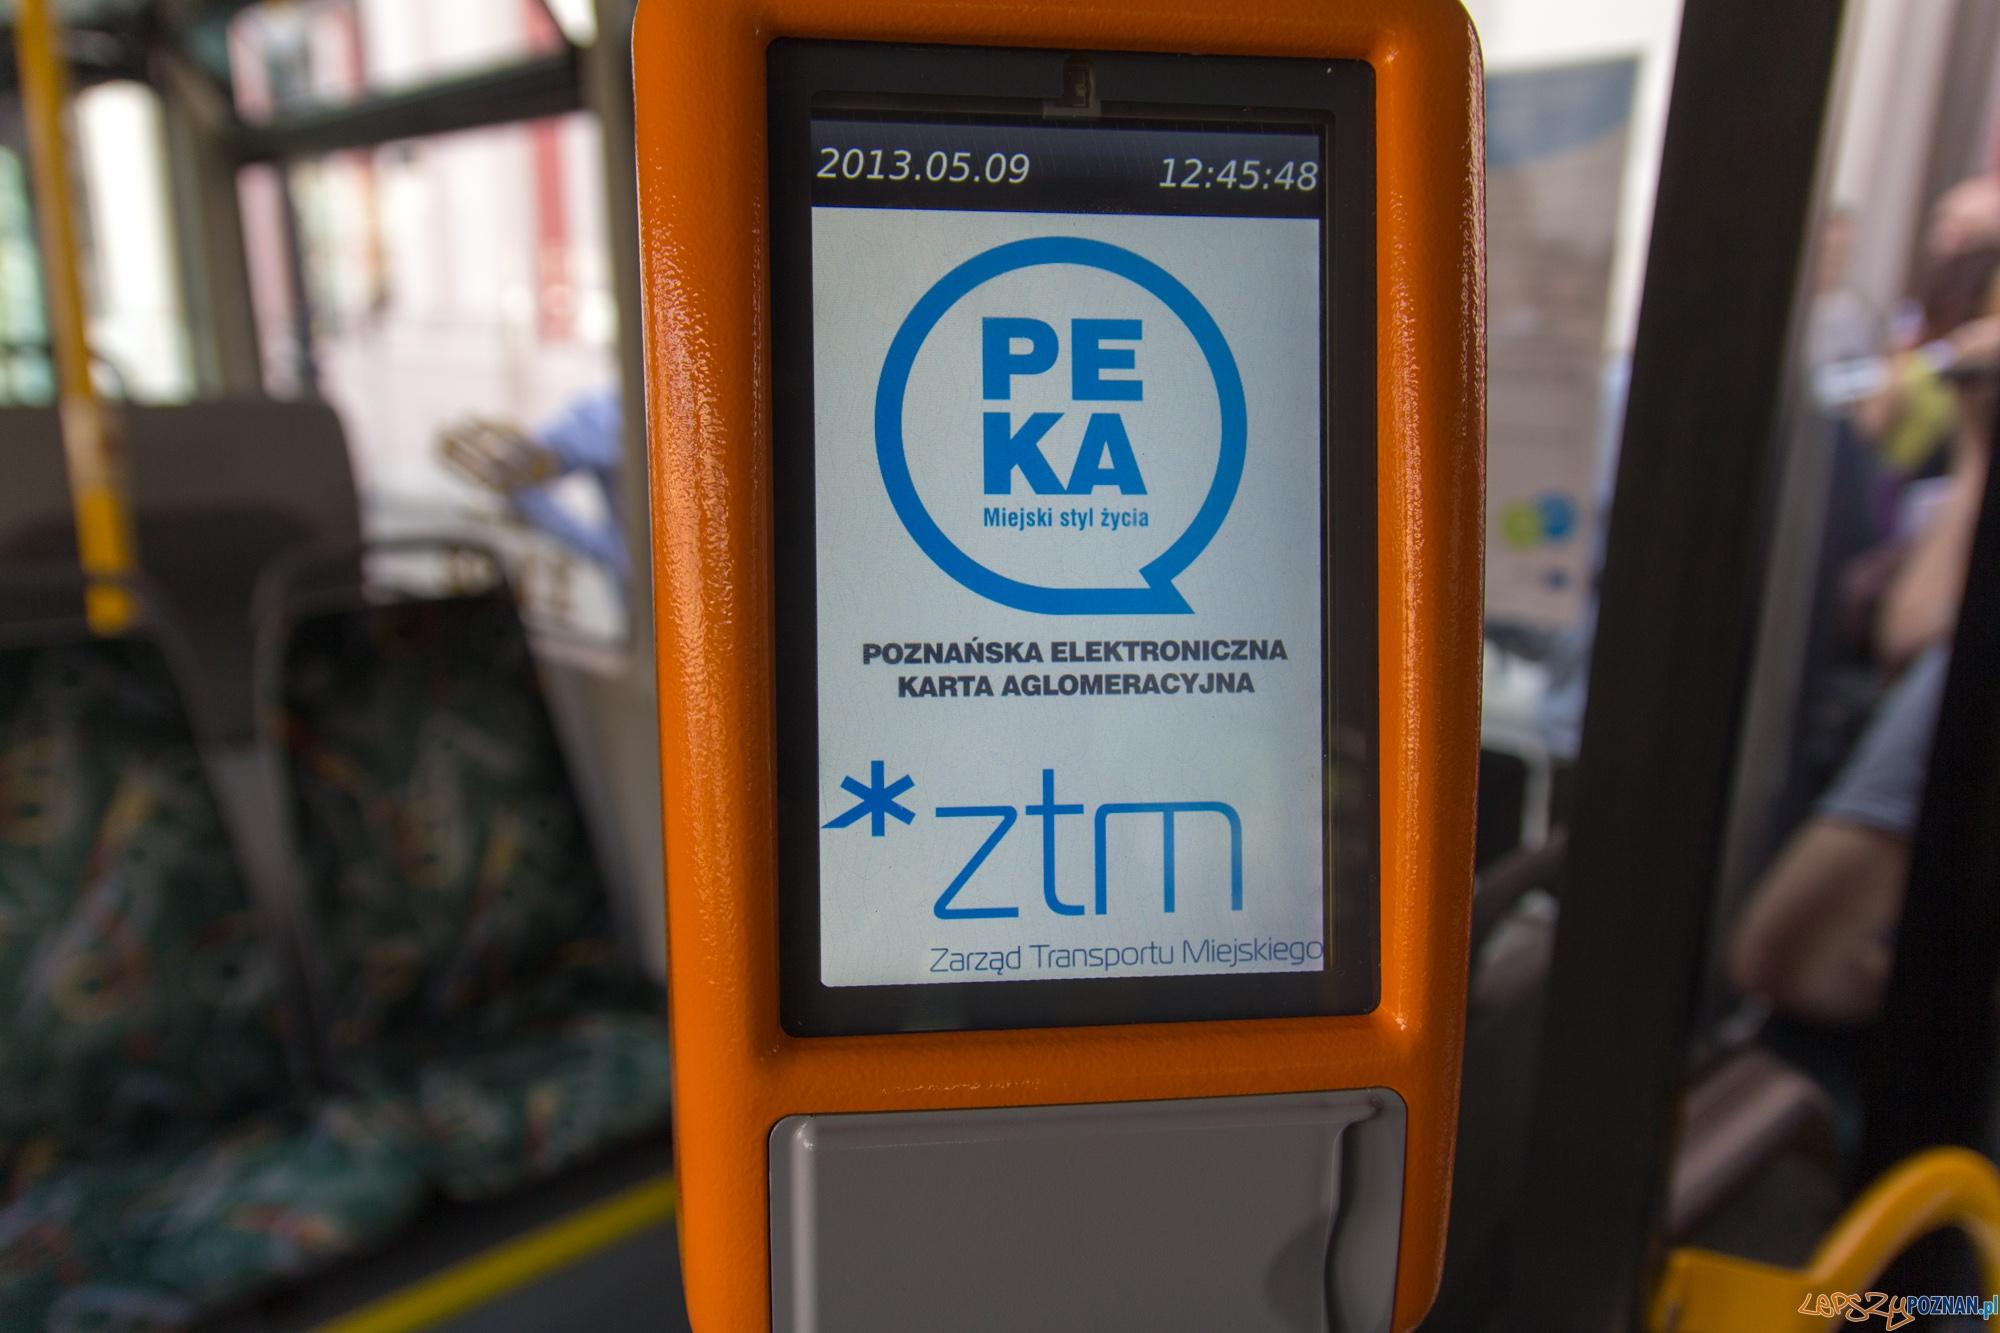 Czytnik systemu PEKA  Foto: lepszyPOZNAN.pl / Piotr Rychter